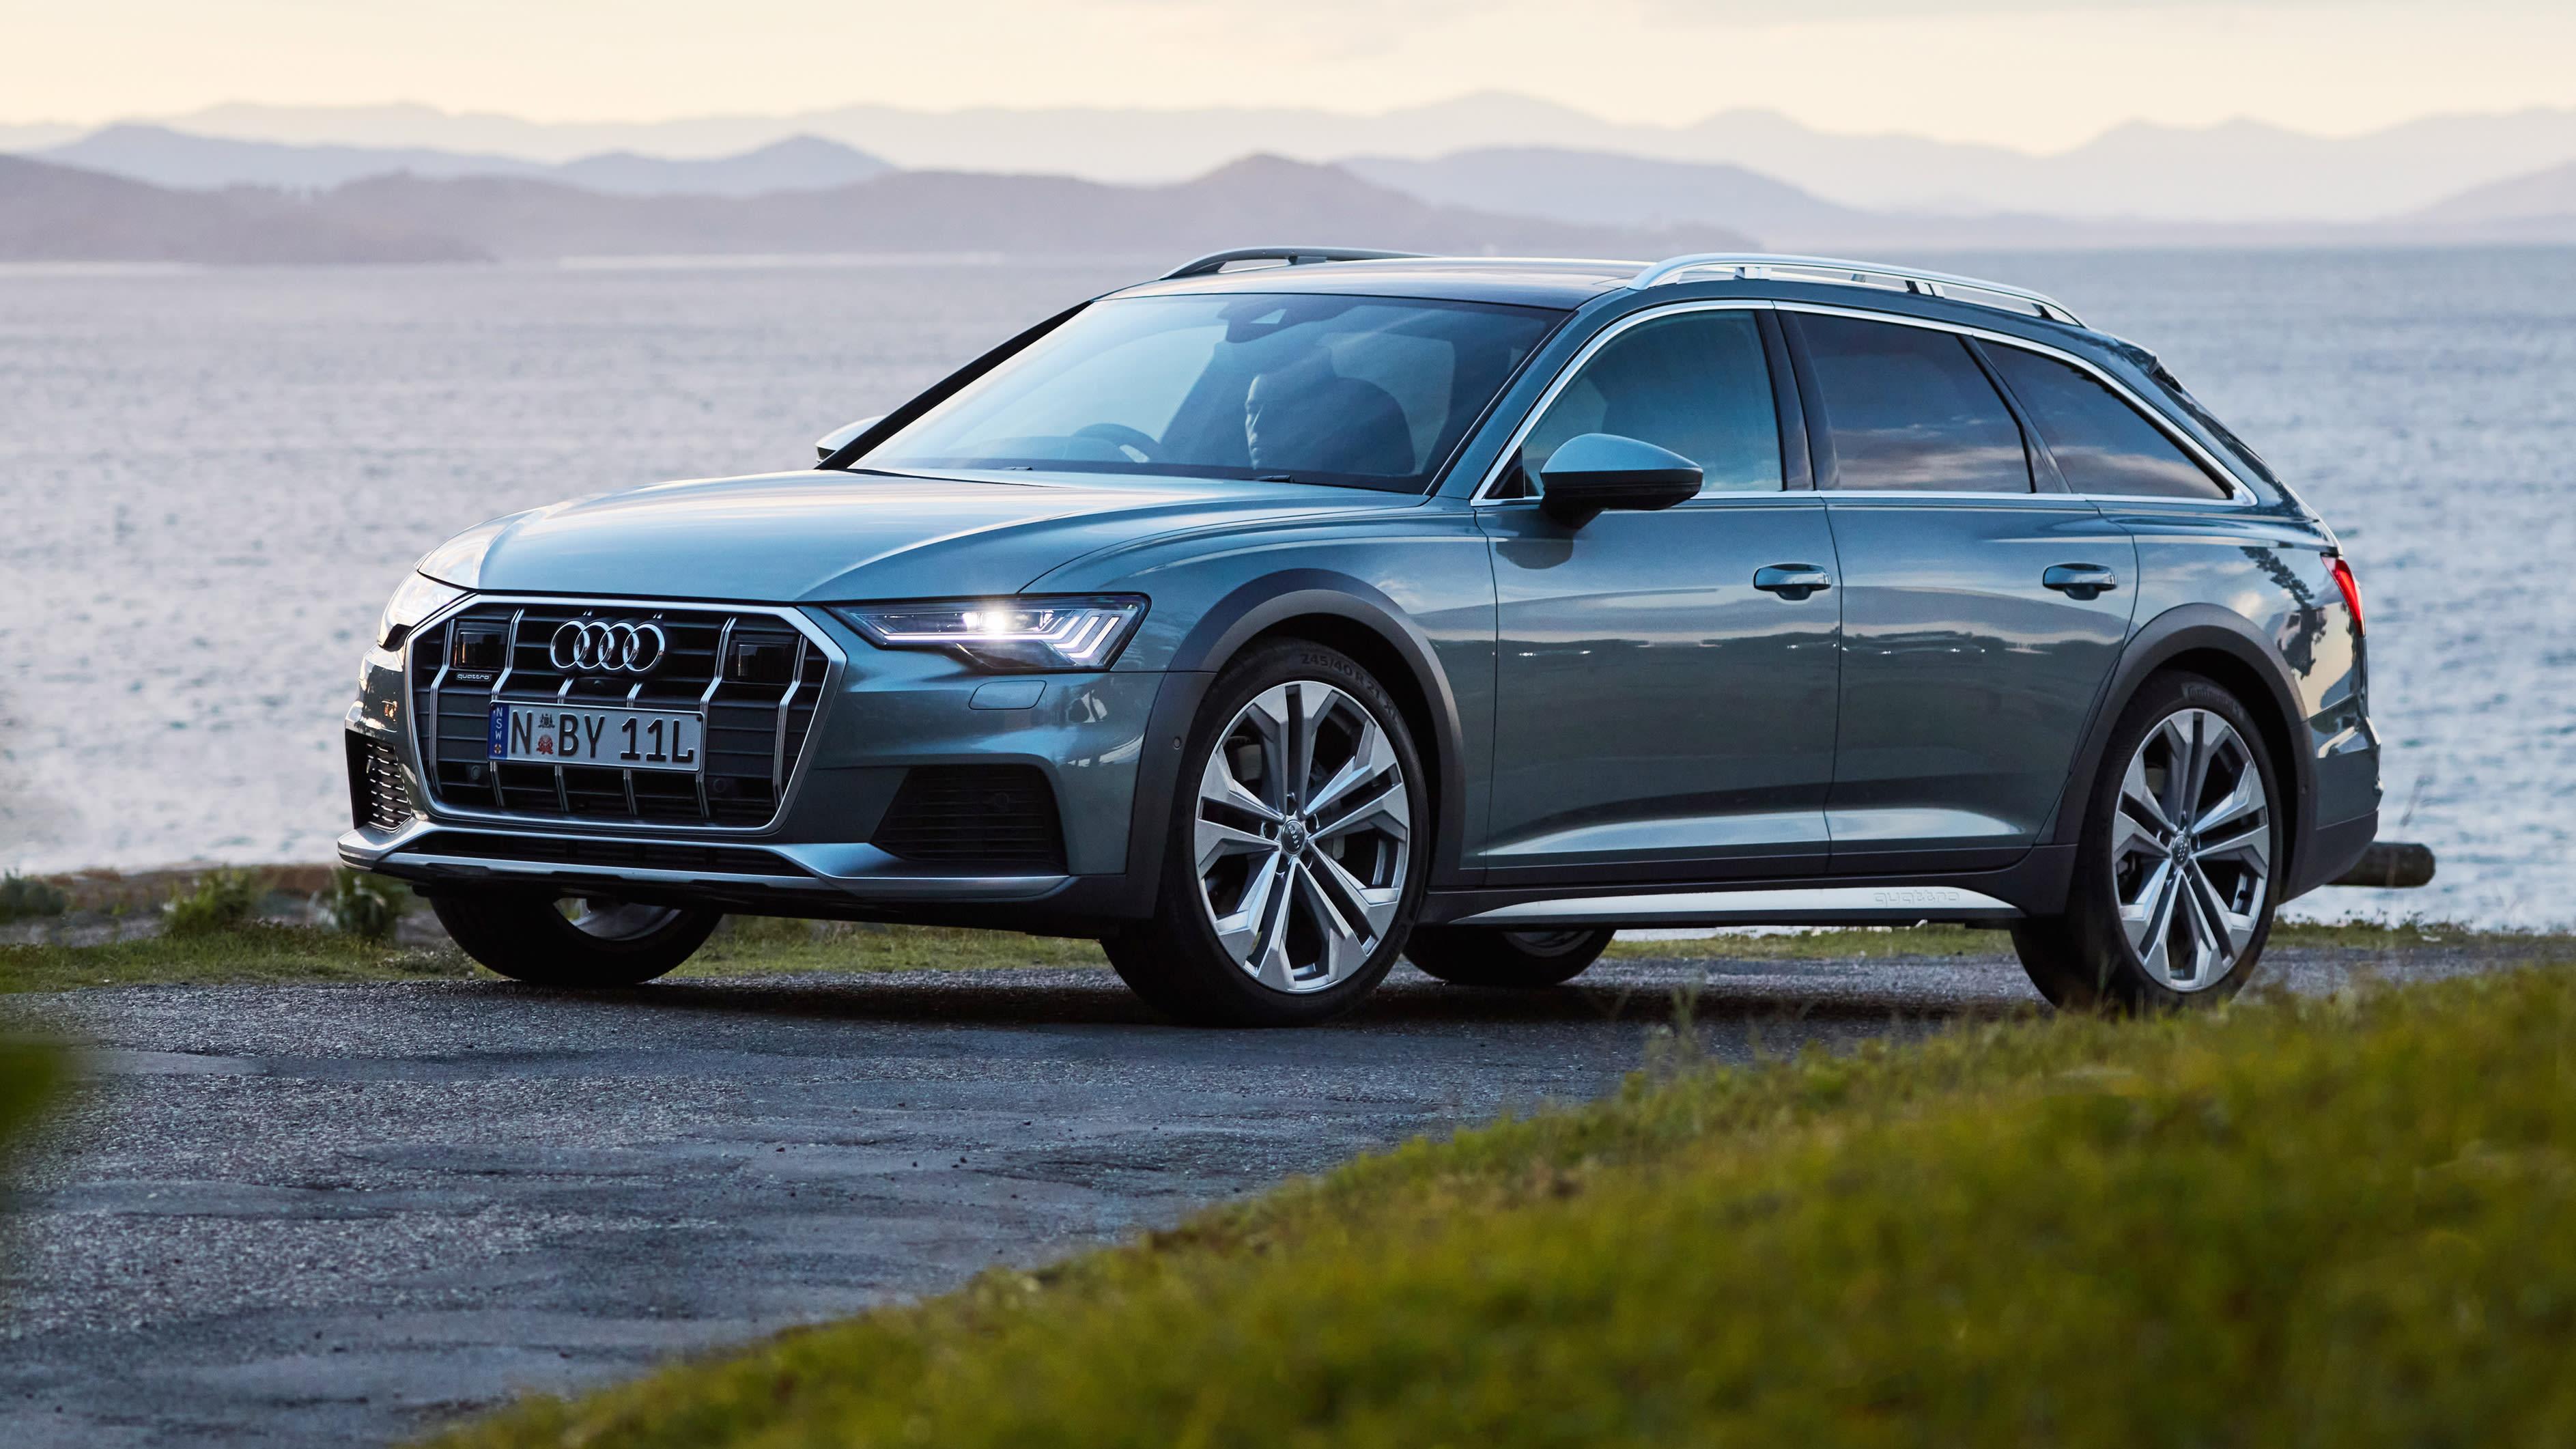 Kelebihan Kekurangan Audi Allroad Quattro Perbandingan Harga